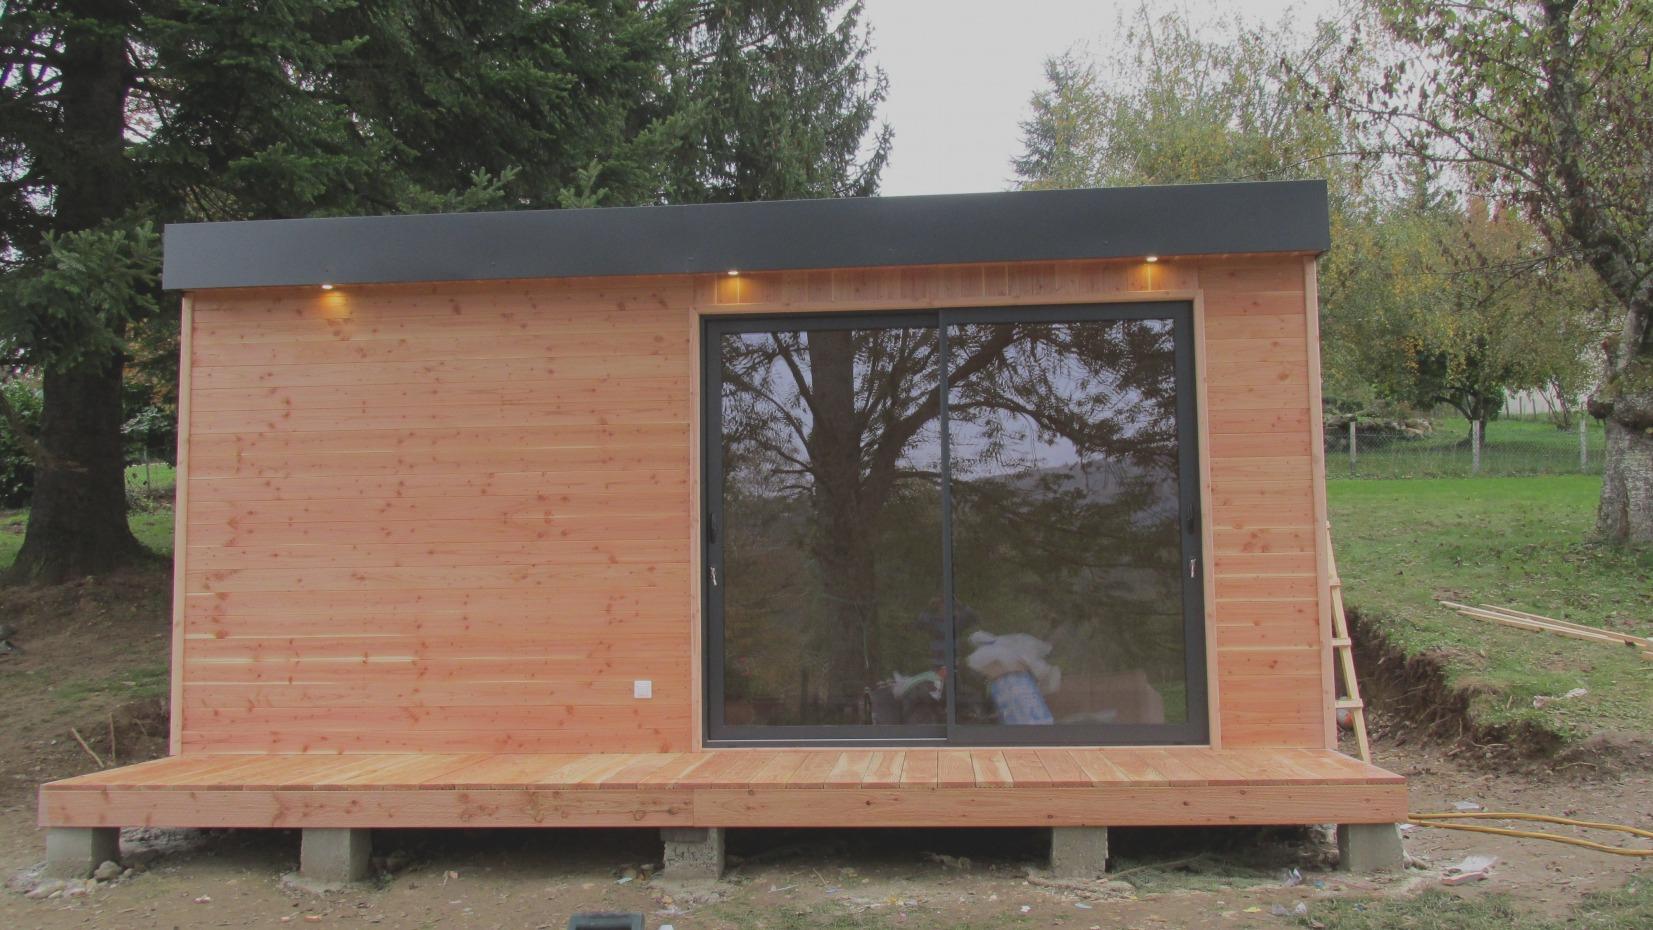 Maison En Bois En Kit Pas Cher Pologne - Le Meilleur Des ... dedans Cabane De Jardin En Bois Pas Cher